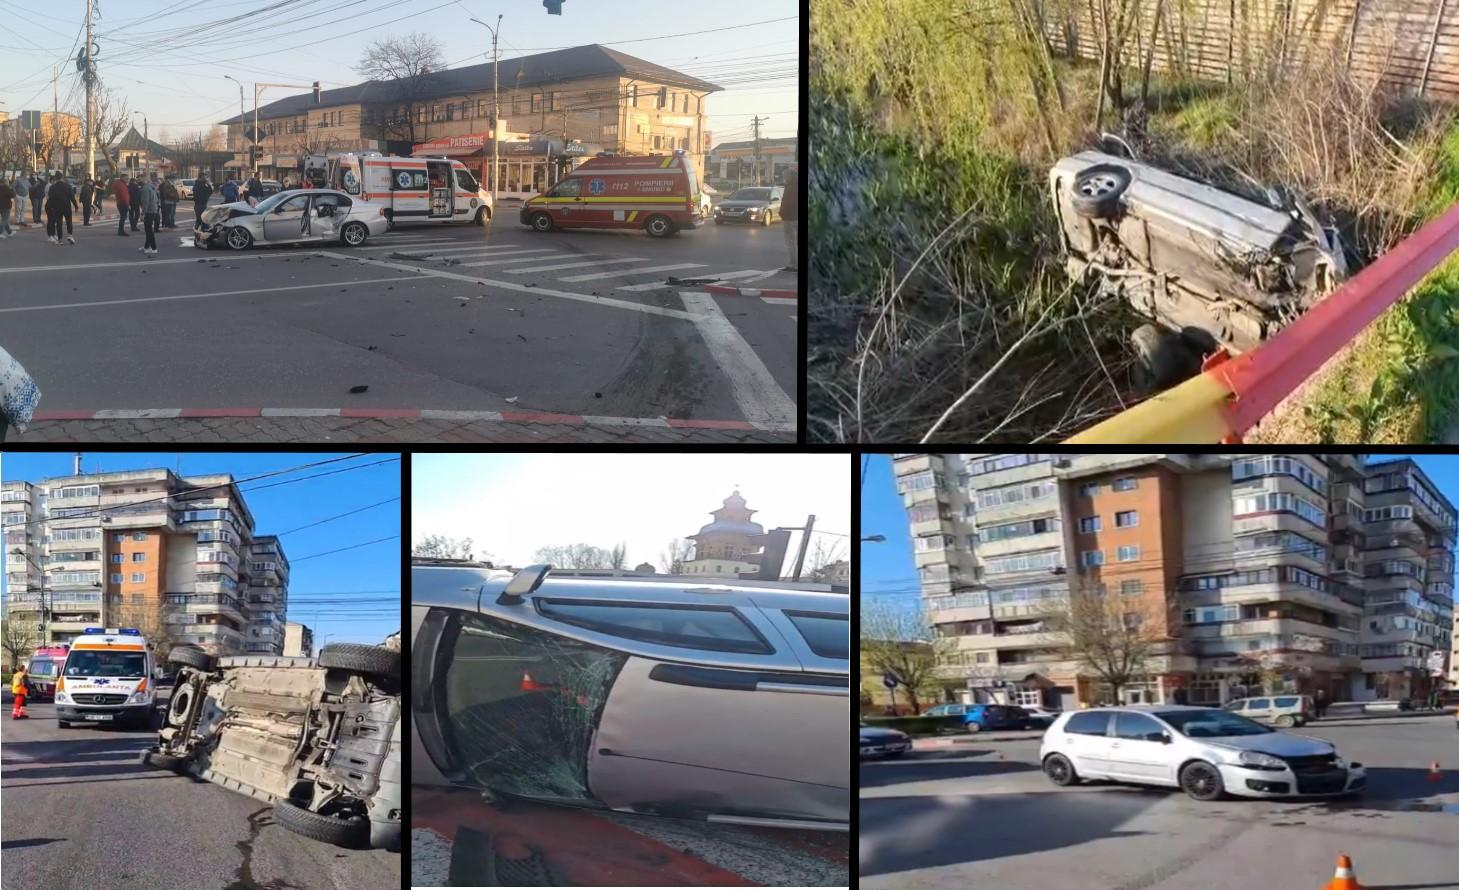 Îngrijorător! Accidente în valuri, în Dâmbovița, provocate de tineri șoferi (10-11 aprilie 2021)